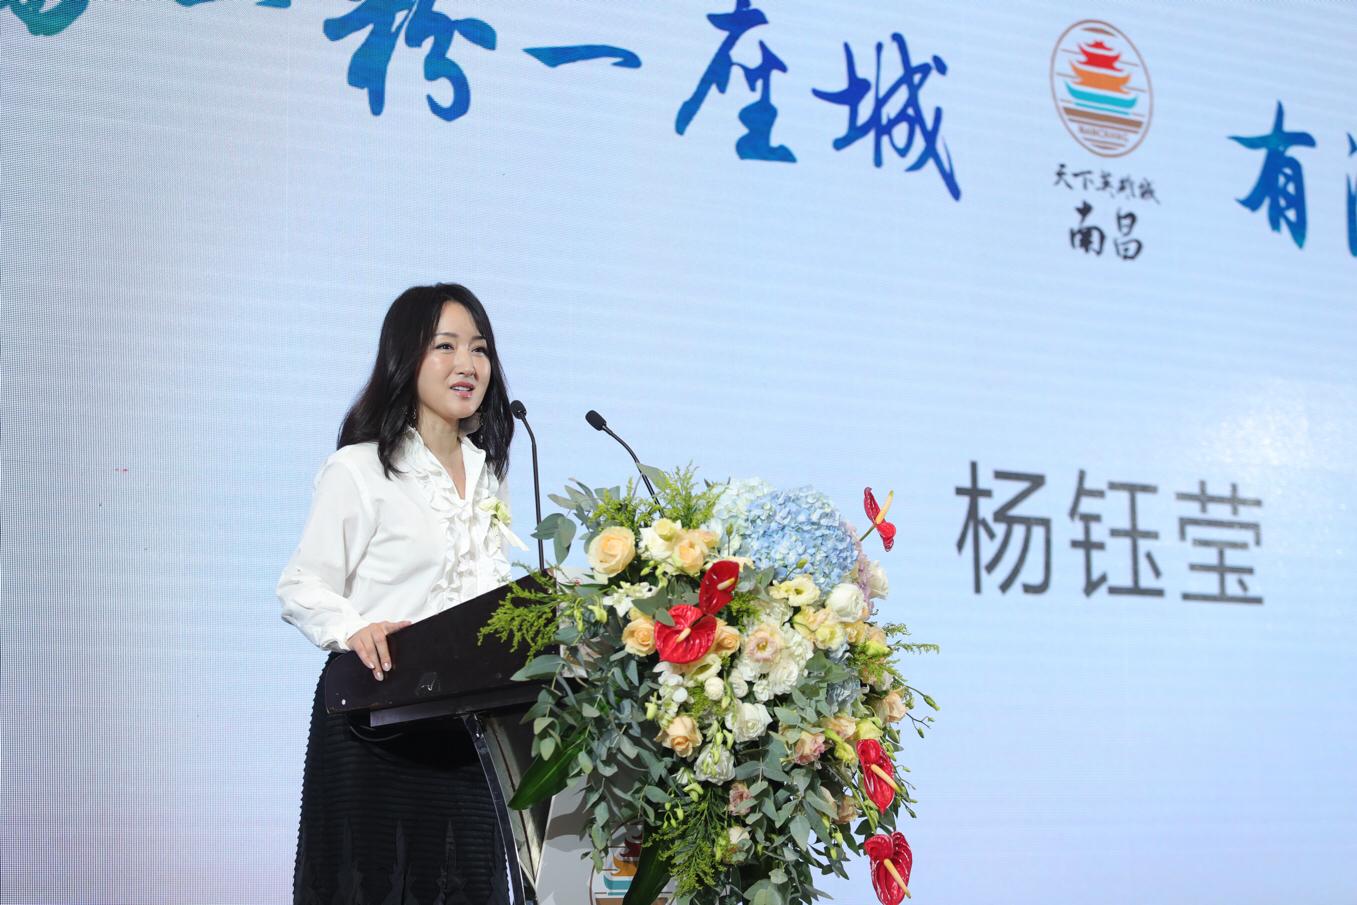 杨钰莹现身活动家乡美食 白衣黑裙似少女